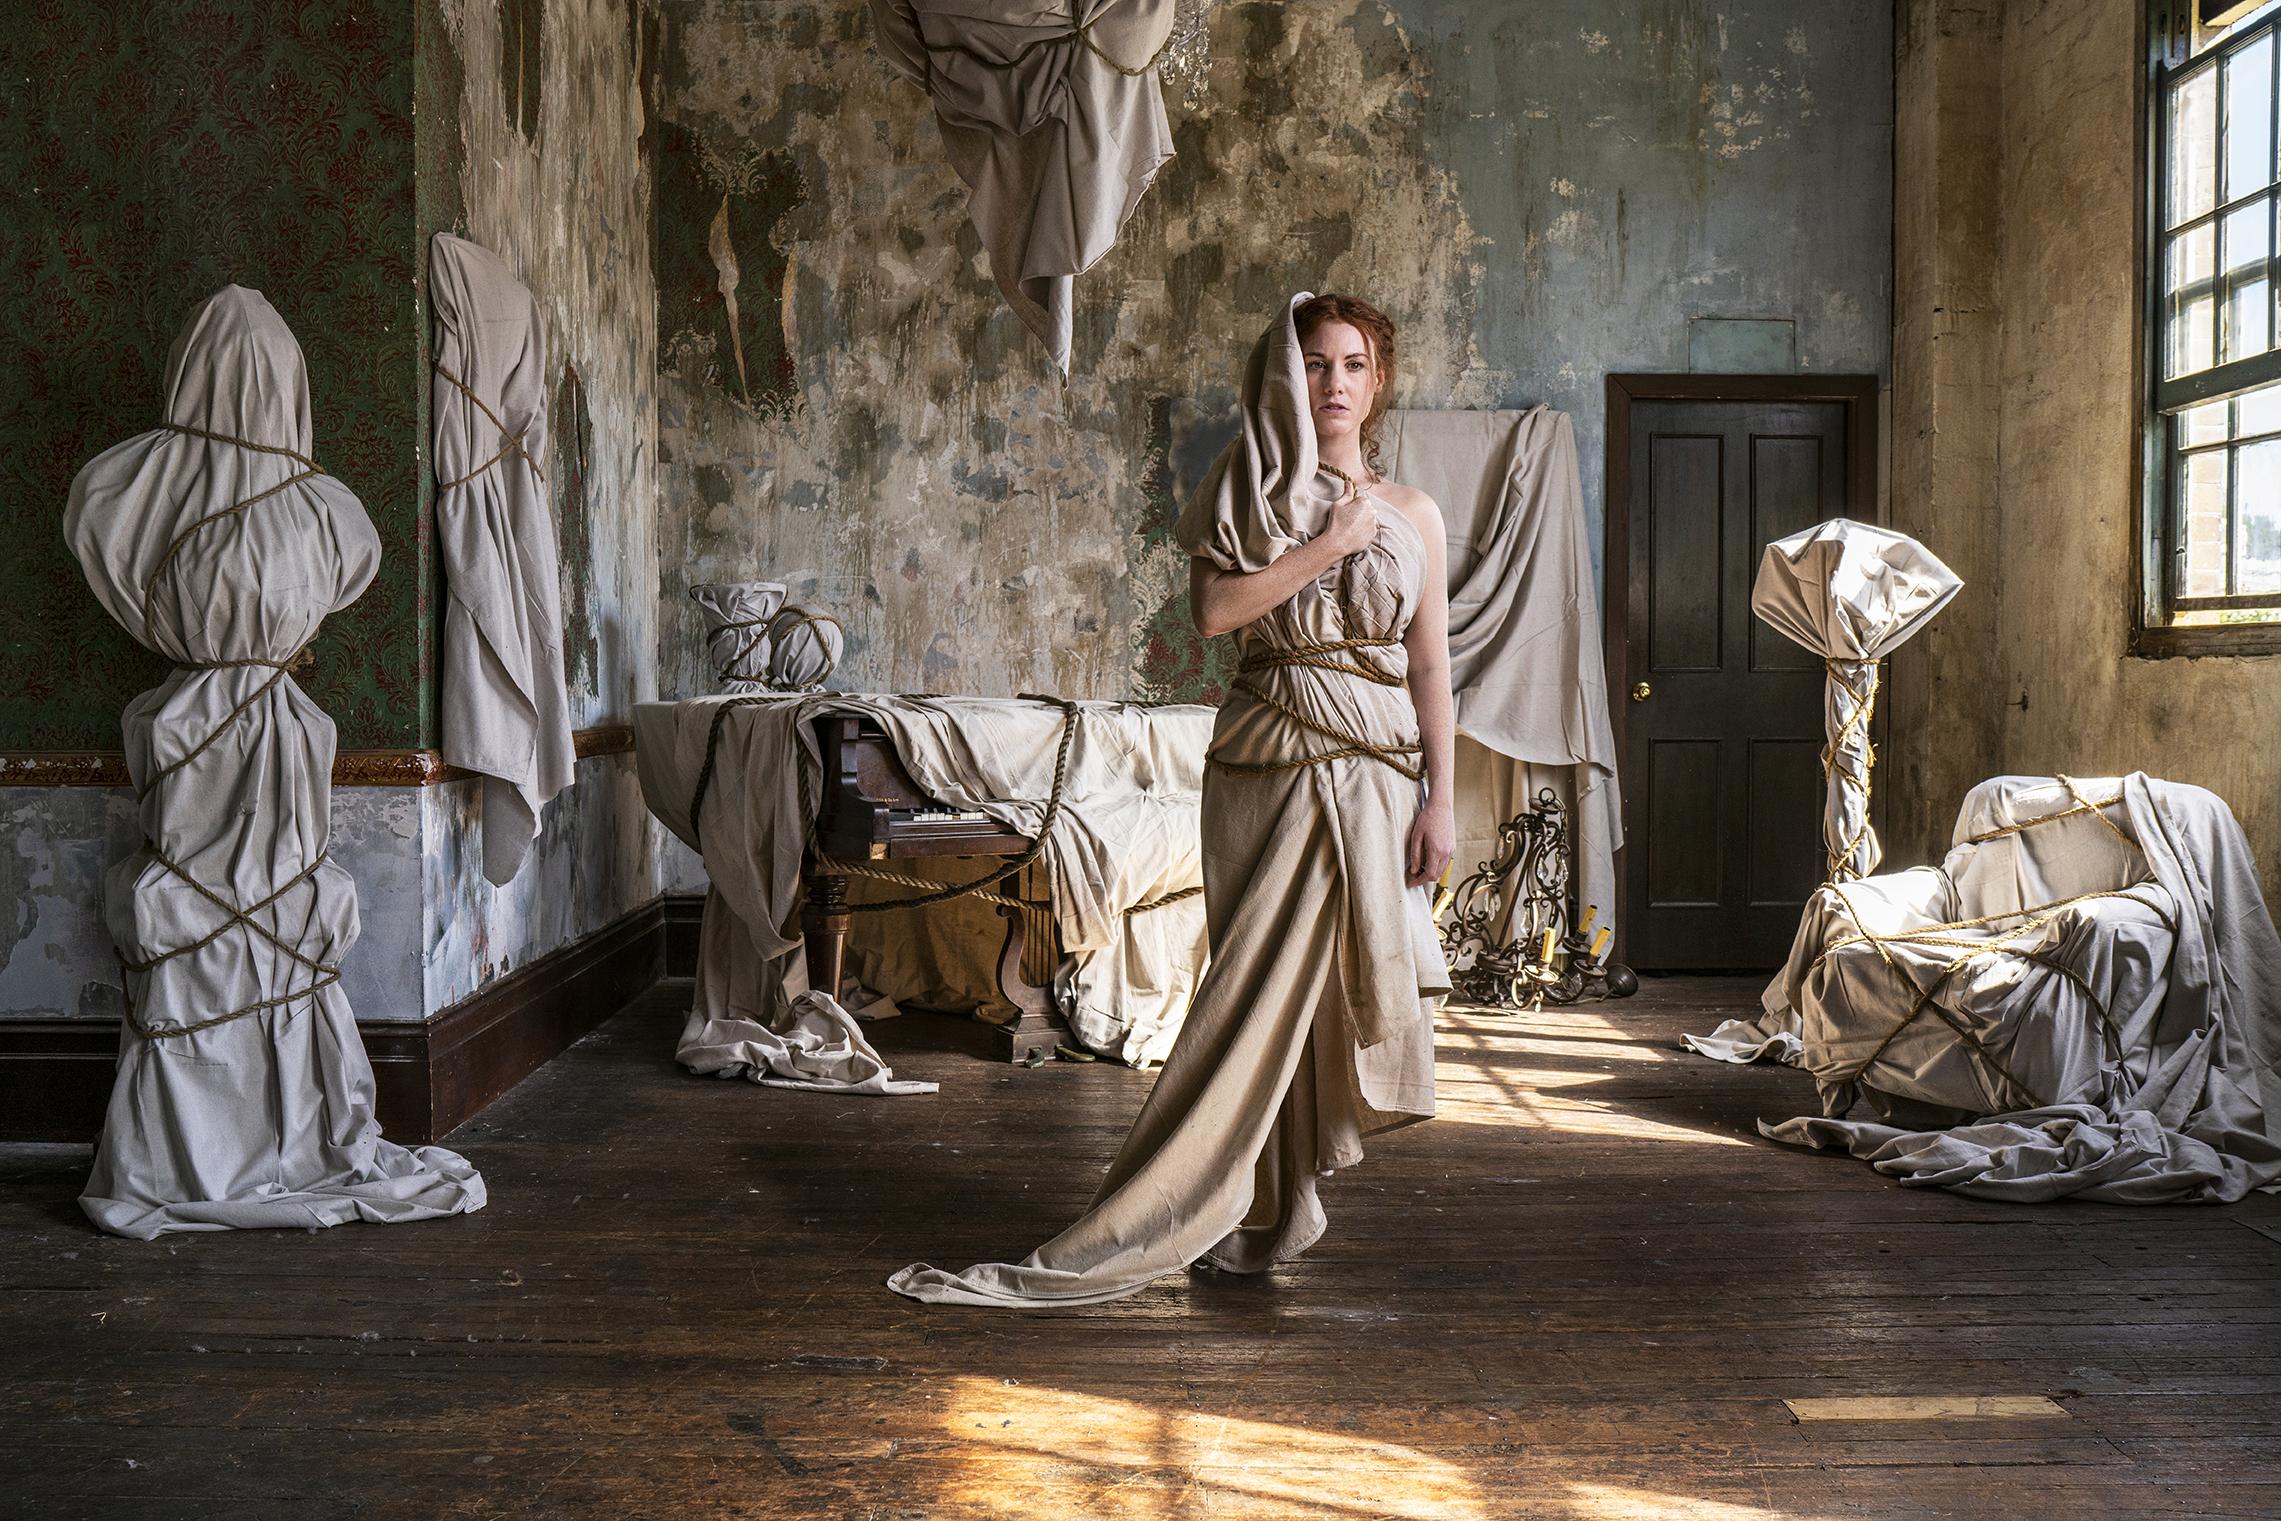 The Statue - Danielle Baynes